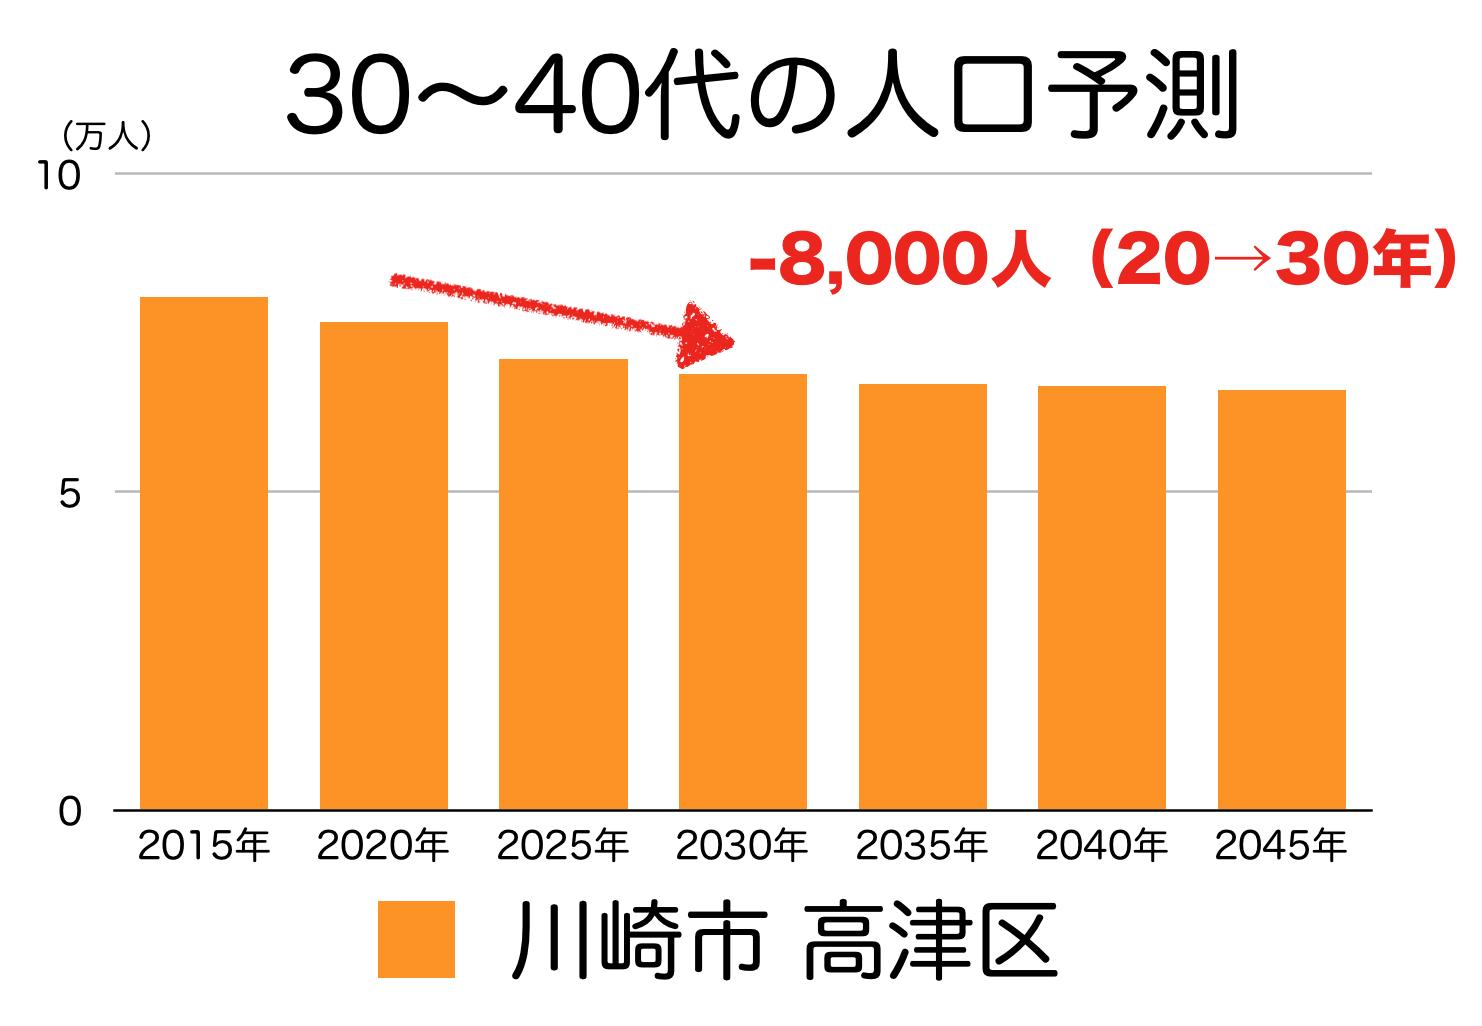 川崎市高津区の30〜40代人口の予測